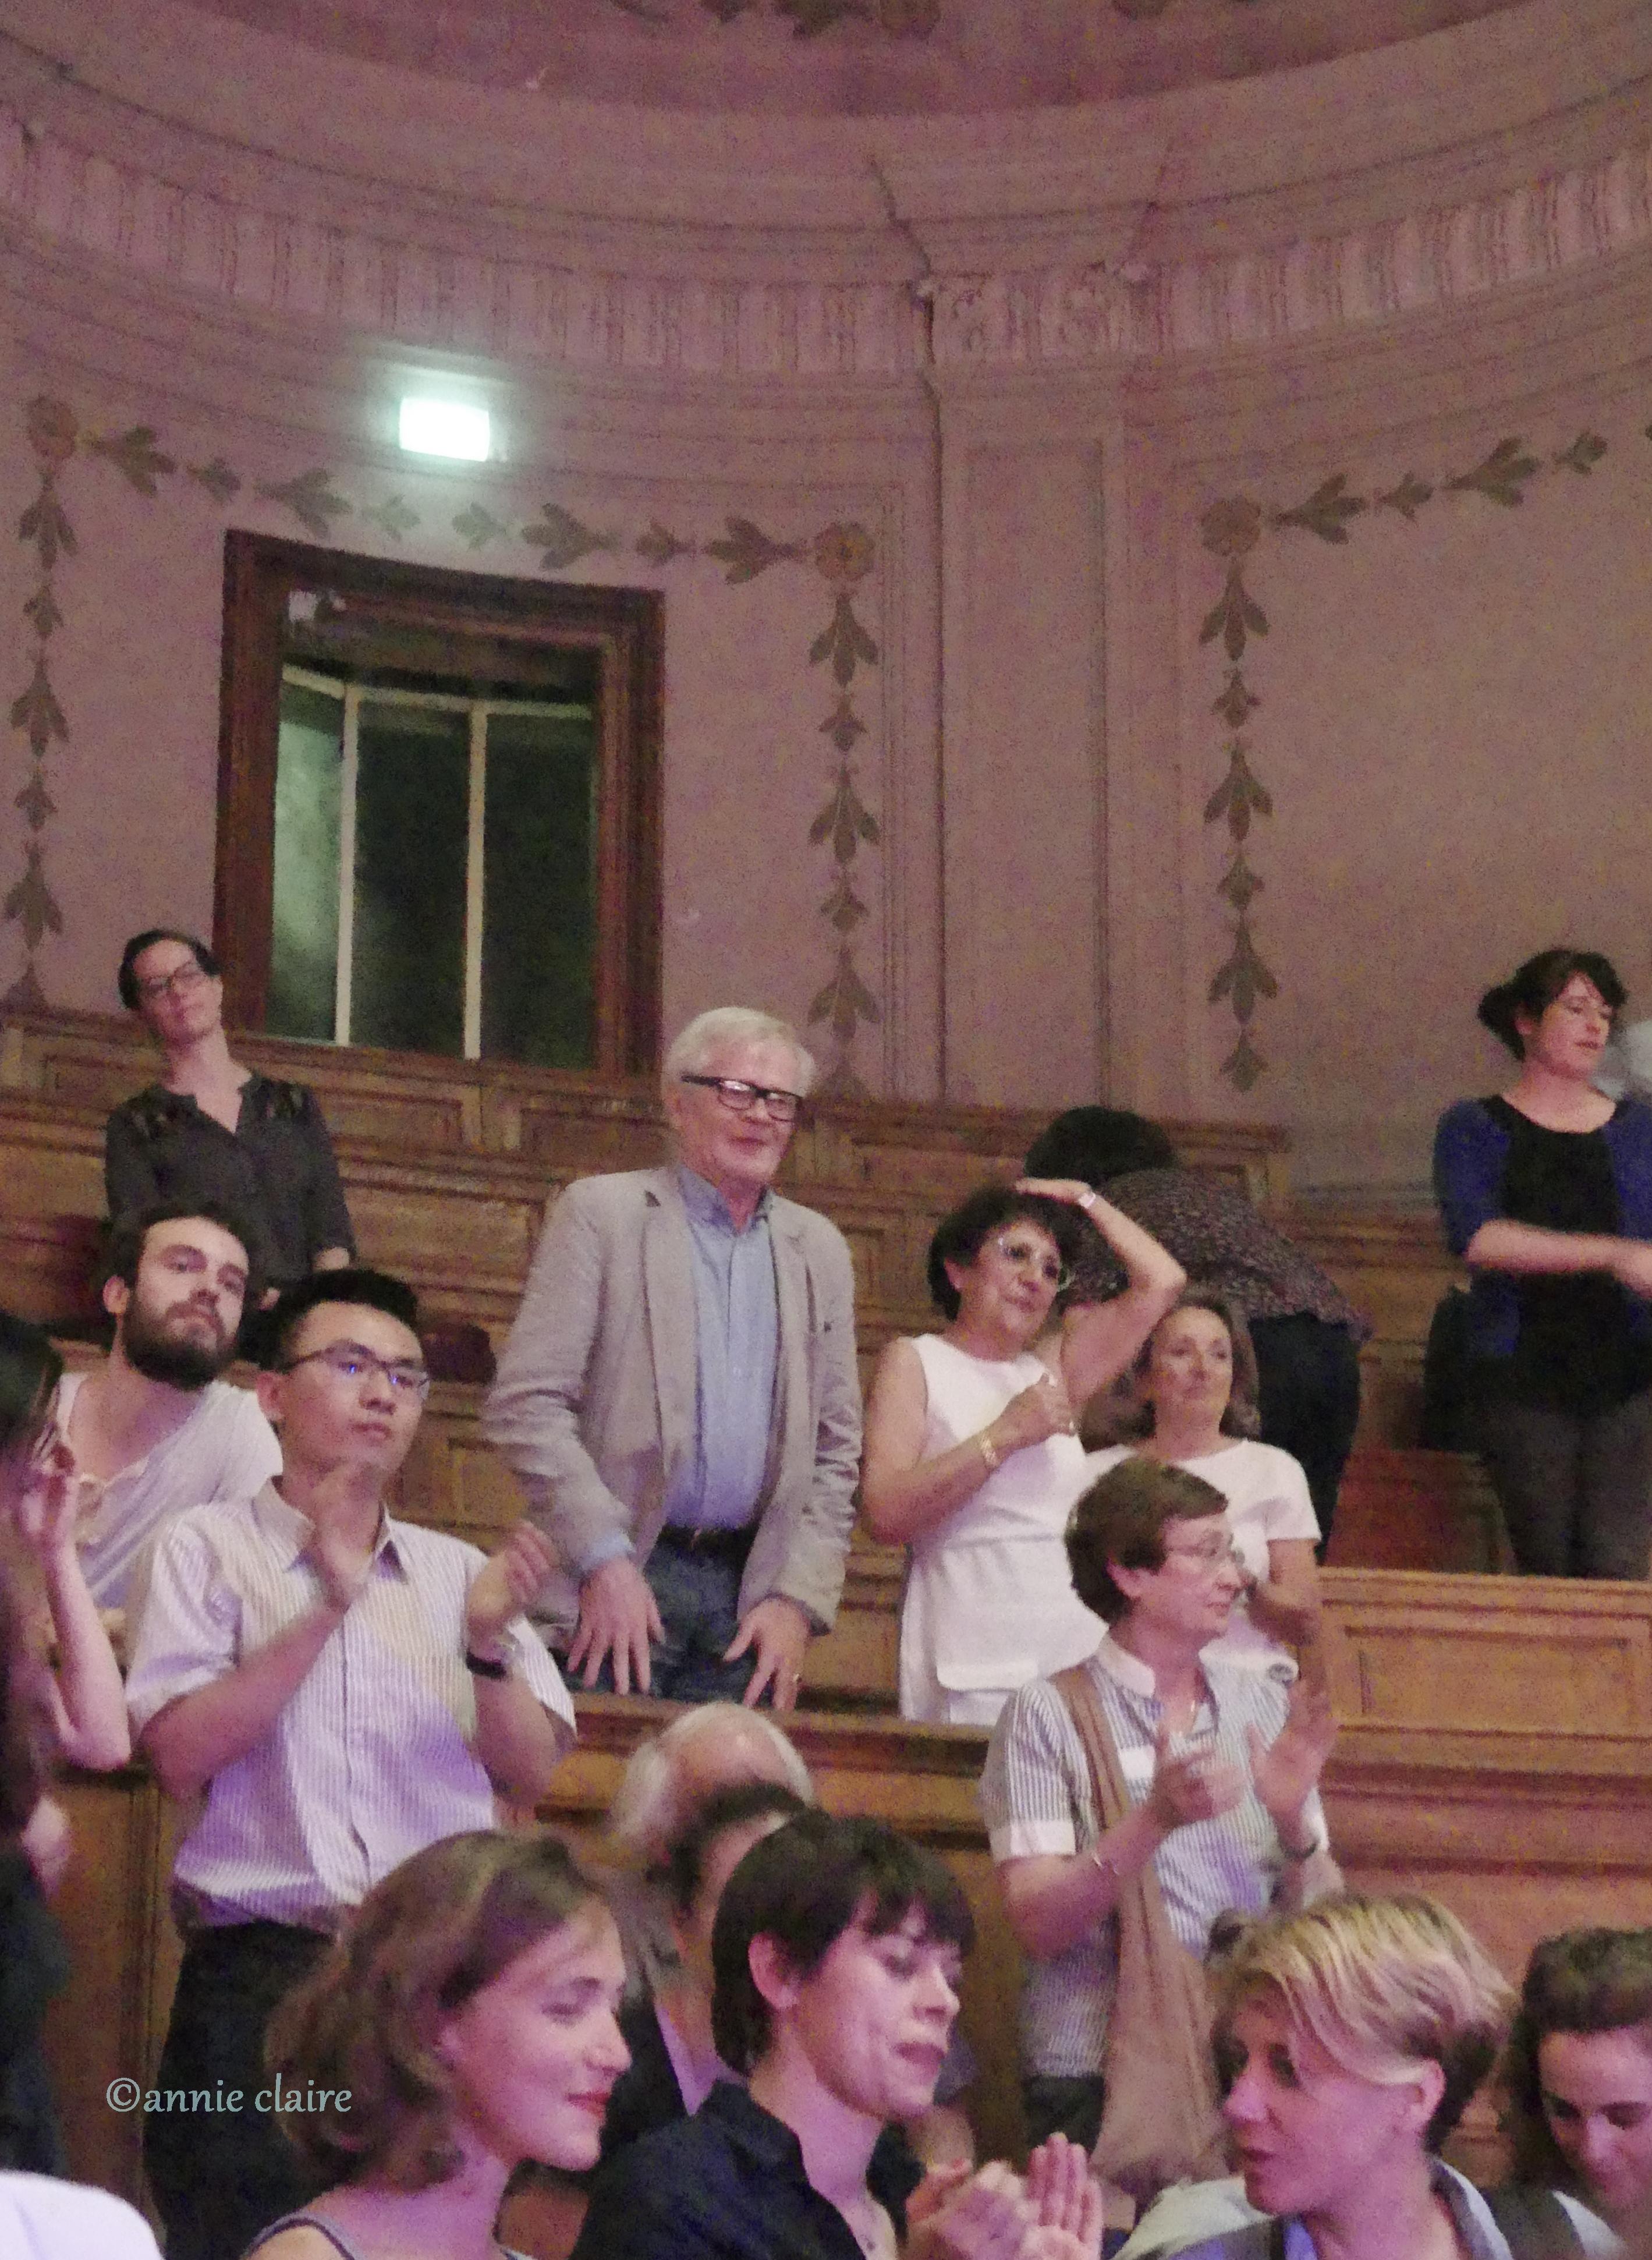 Deux personnages clé du festival Découvrir de Concèze, Pascale Kalfon et Alain Vincenot à la Sorbonne ©annie claire 29.05.2017